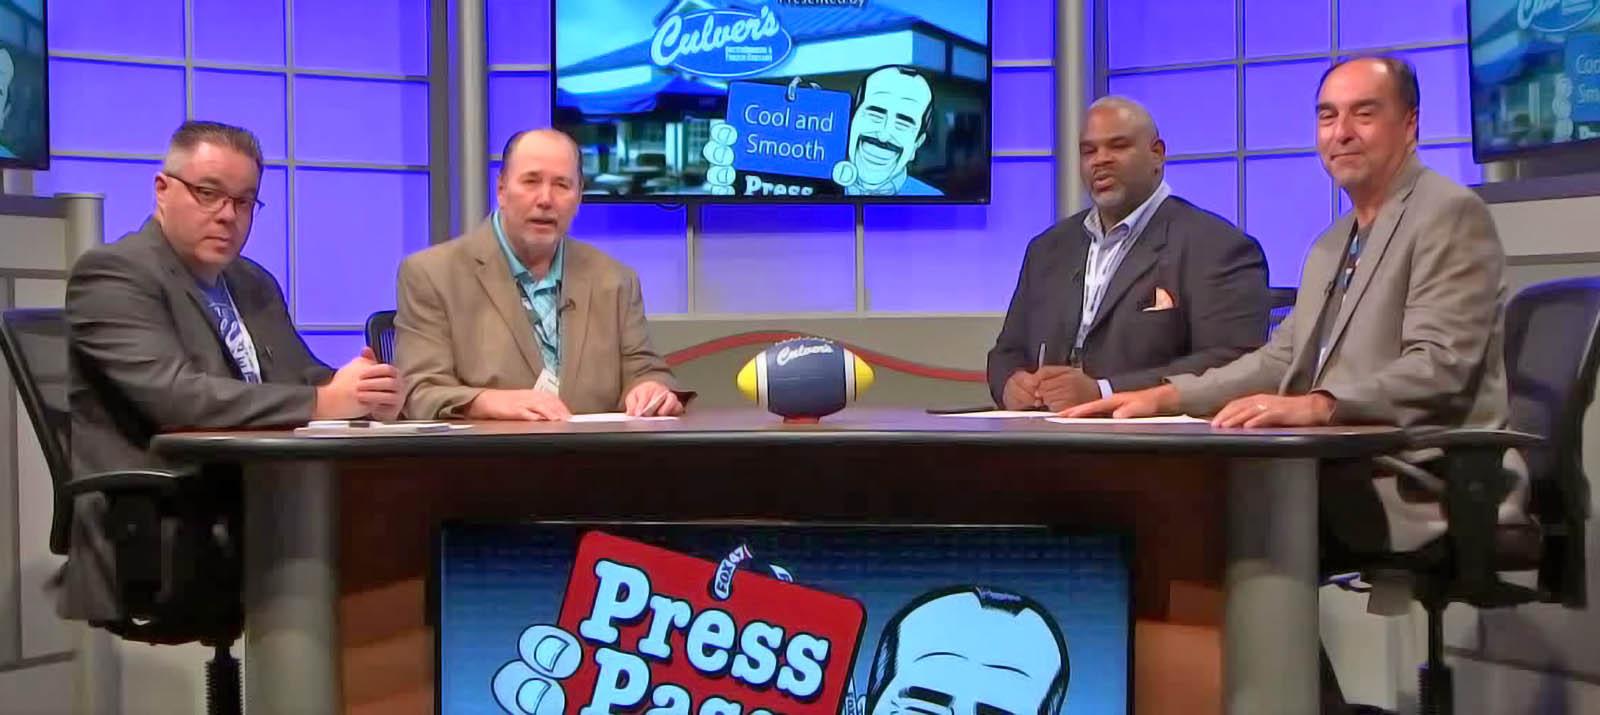 Fox 47 News Press Pass studio